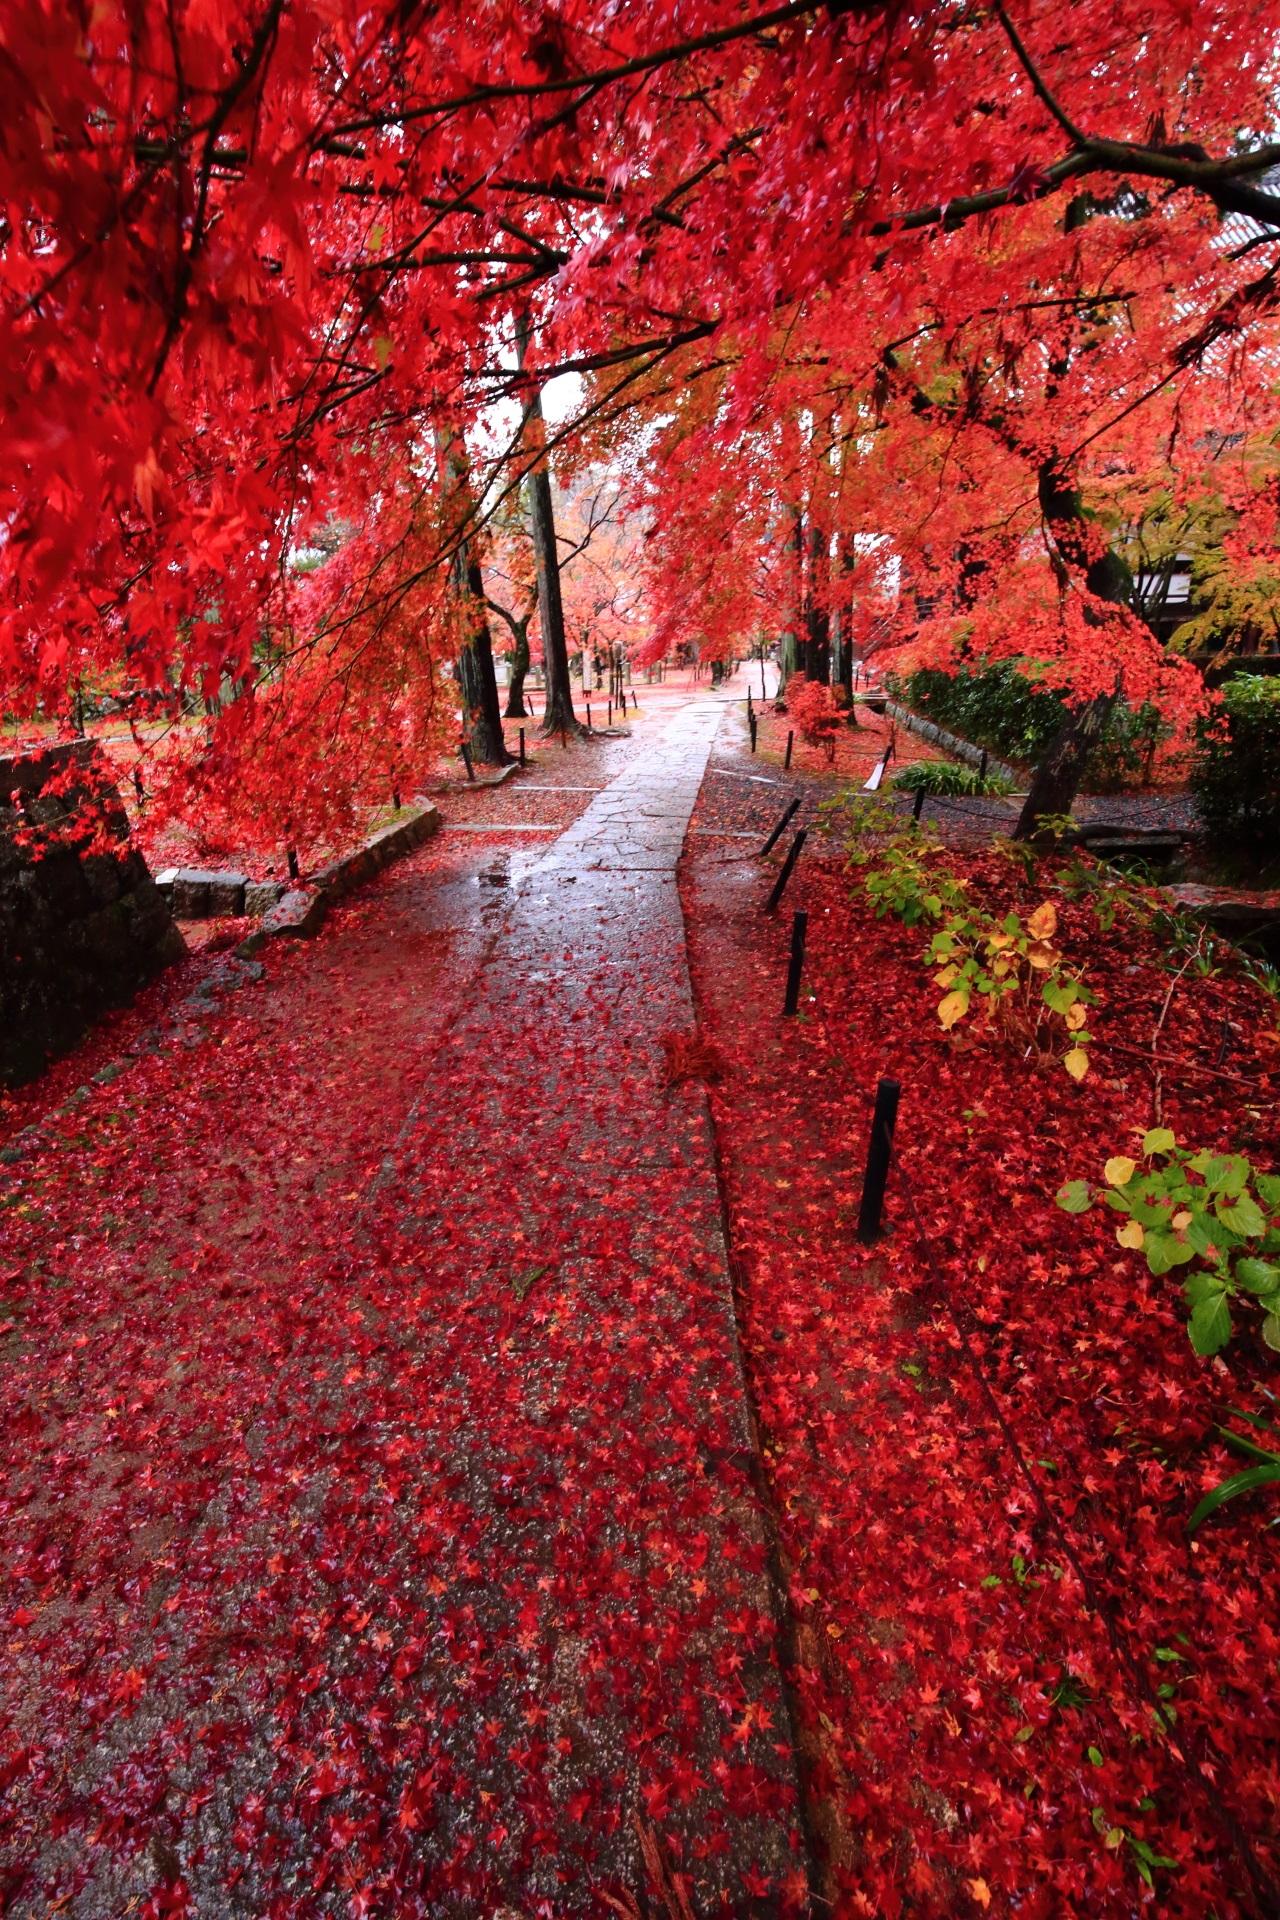 雨が送ってくれた真っ赤な紅葉の空間